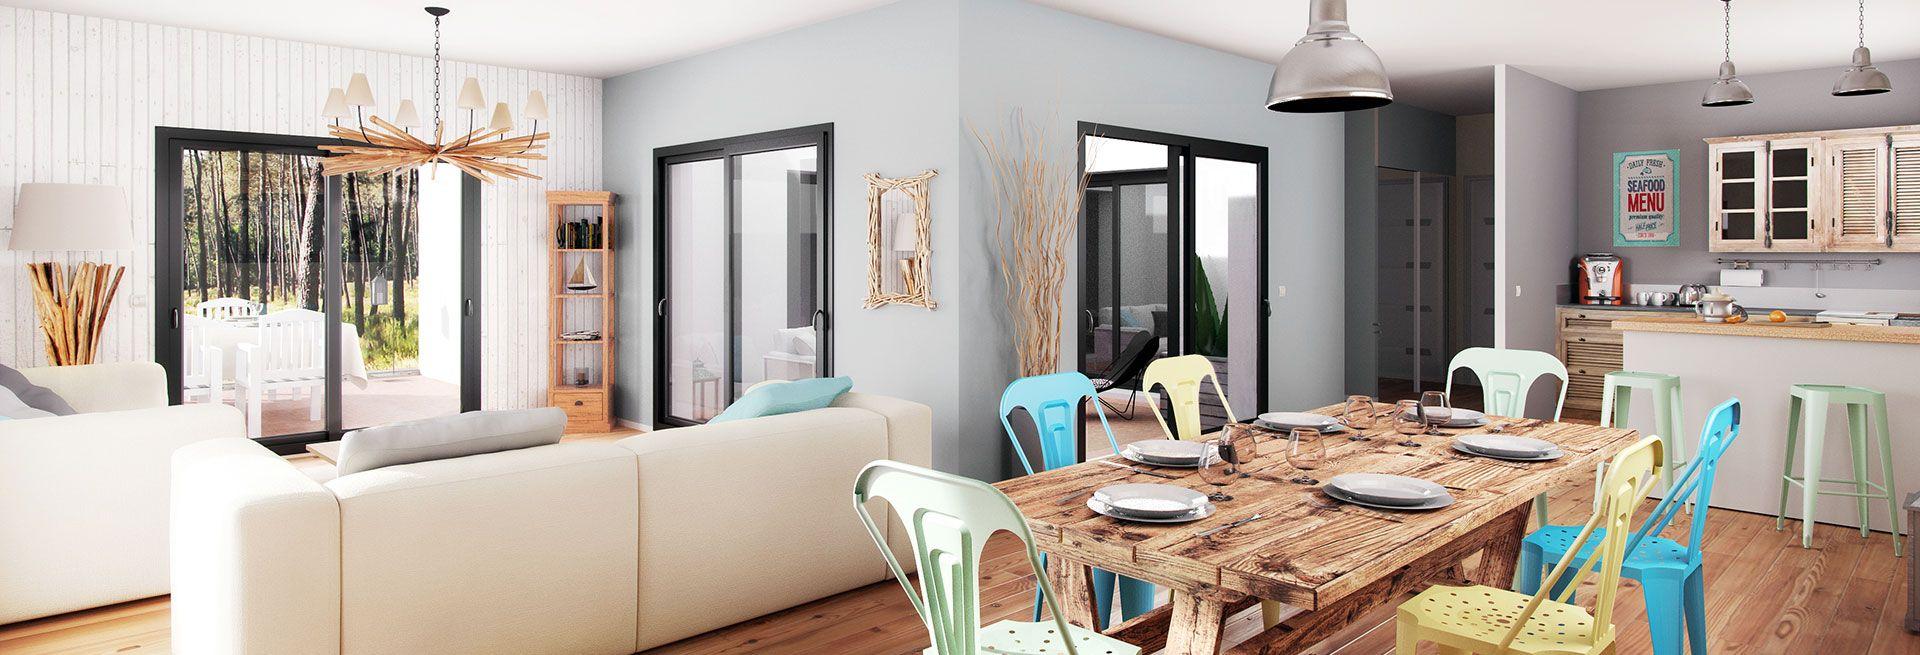 Choisir Couleur Villas comme constructeur pour sa maison c'est l'assurance de choisir un constructeur d'expérience engagé.